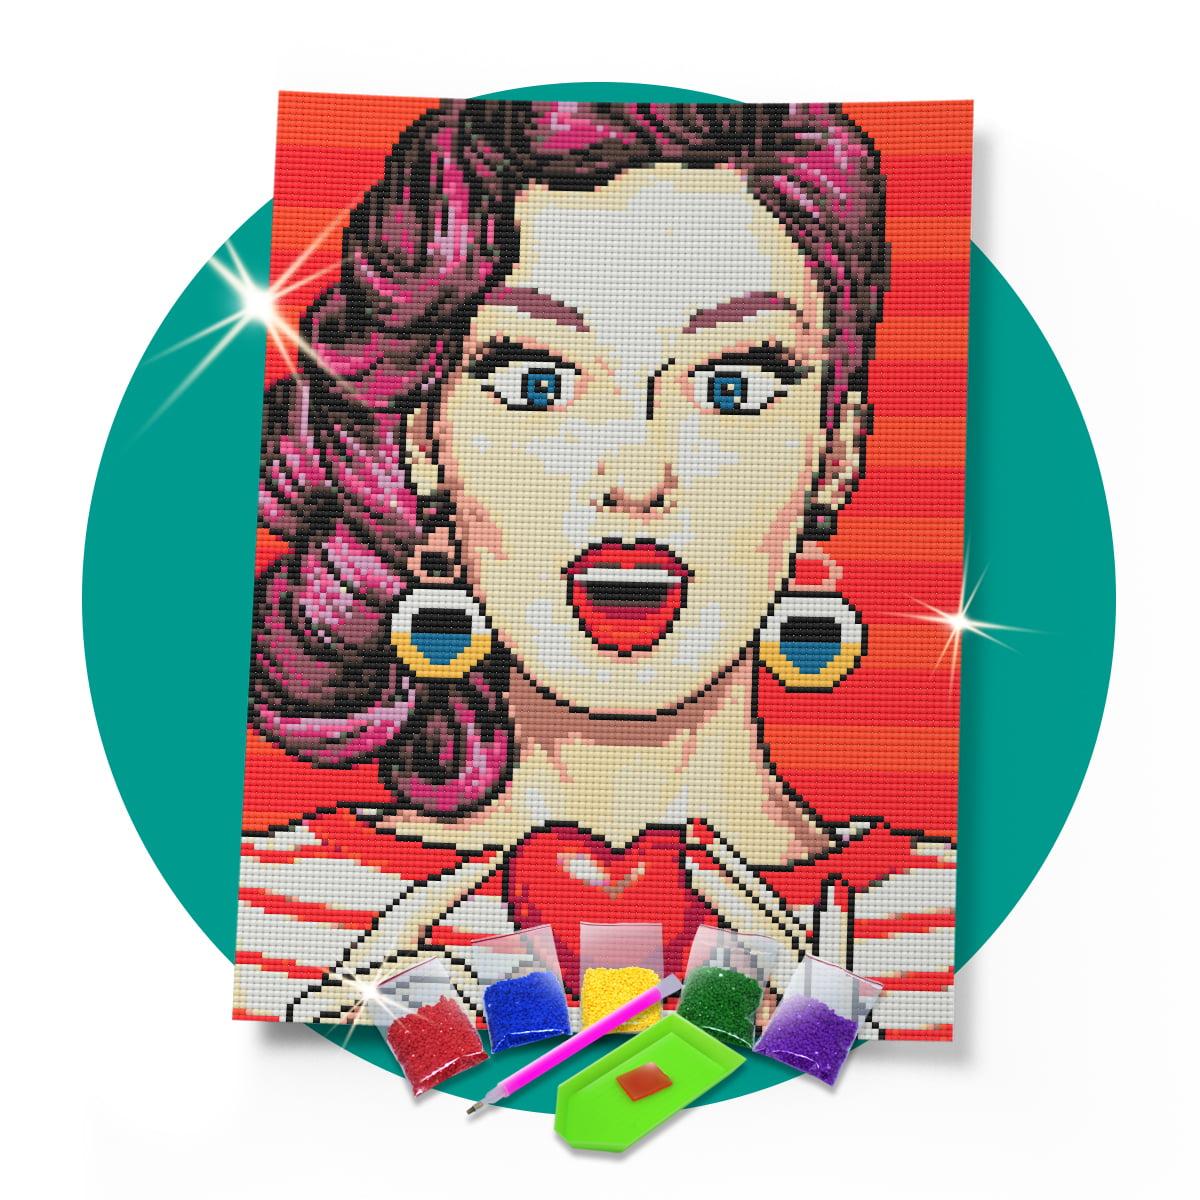 Kit Pintura com Diamantes | Tela Garota Pop - 30 x 42 cm - Diamante Redondo | Diamond Painting 5D DIY